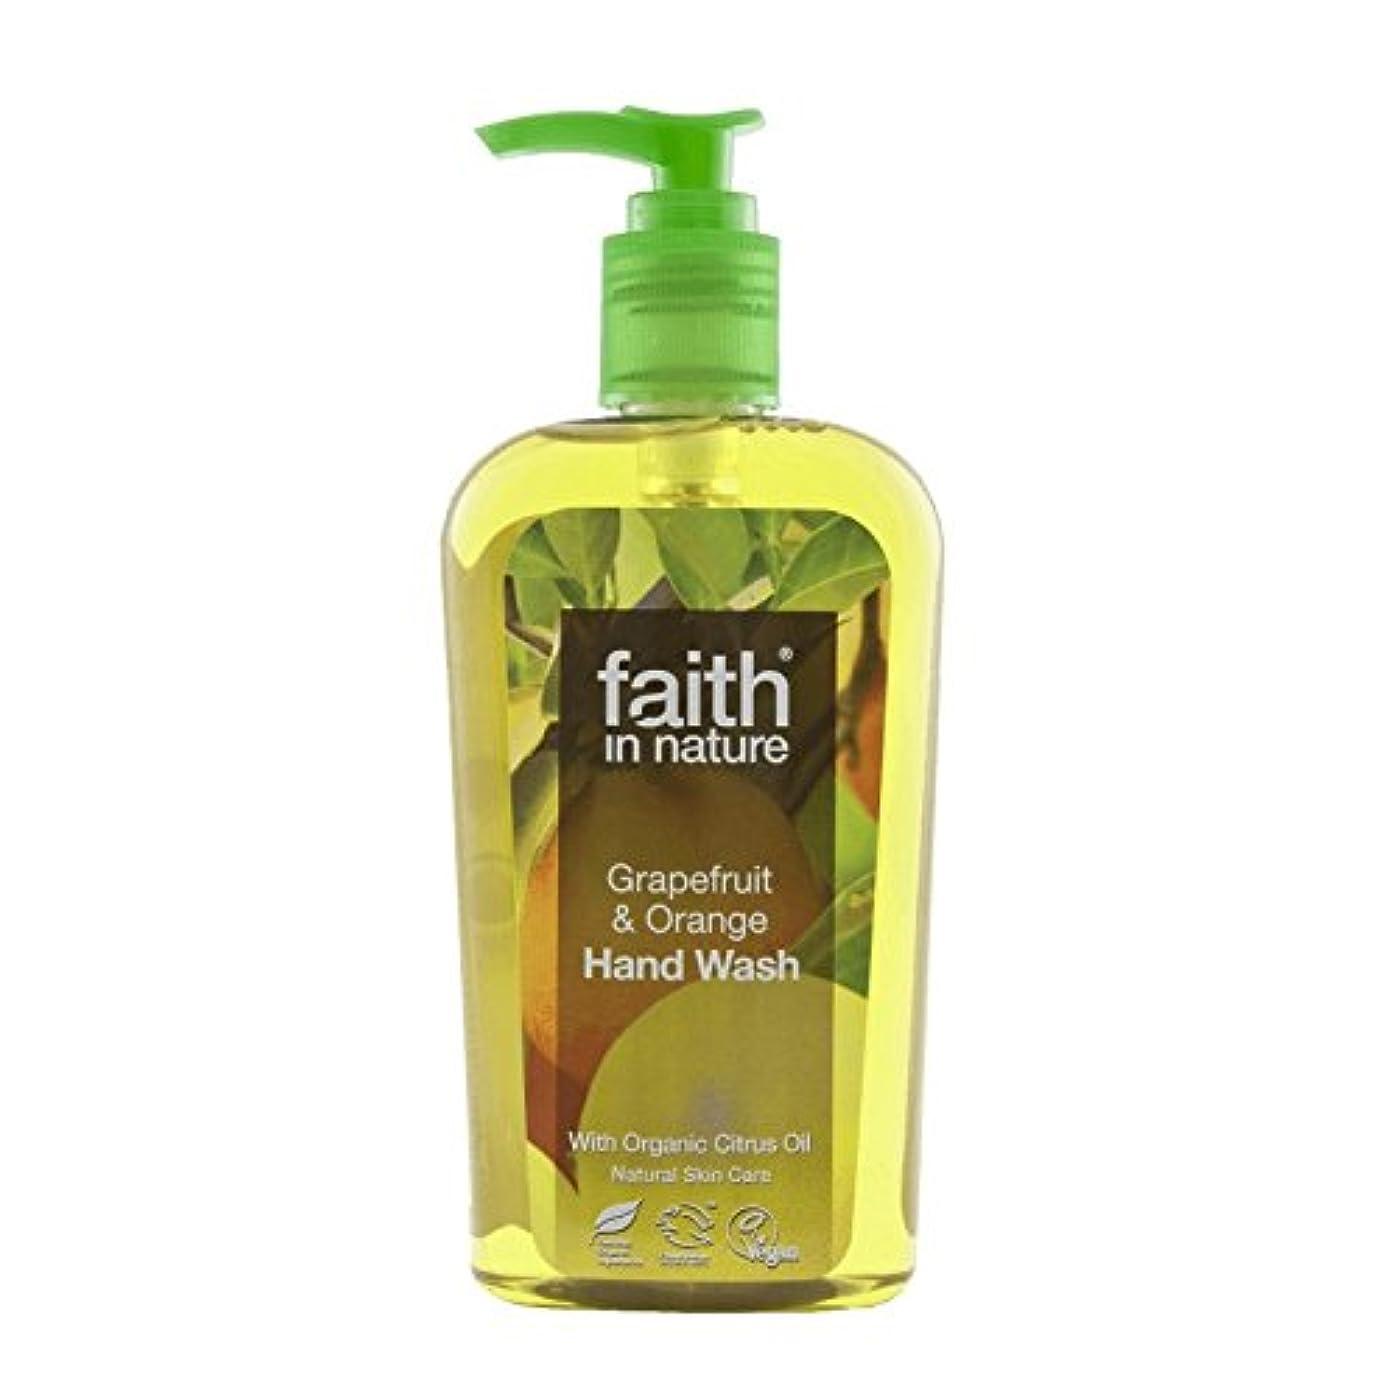 複雑な修理可能経済的Faith In Nature Grapefruit & Orange Handwash 300ml (Pack of 2) - 自然グレープフルーツ&オレンジ手洗いの300ミリリットルの信仰 (x2) [並行輸入品]